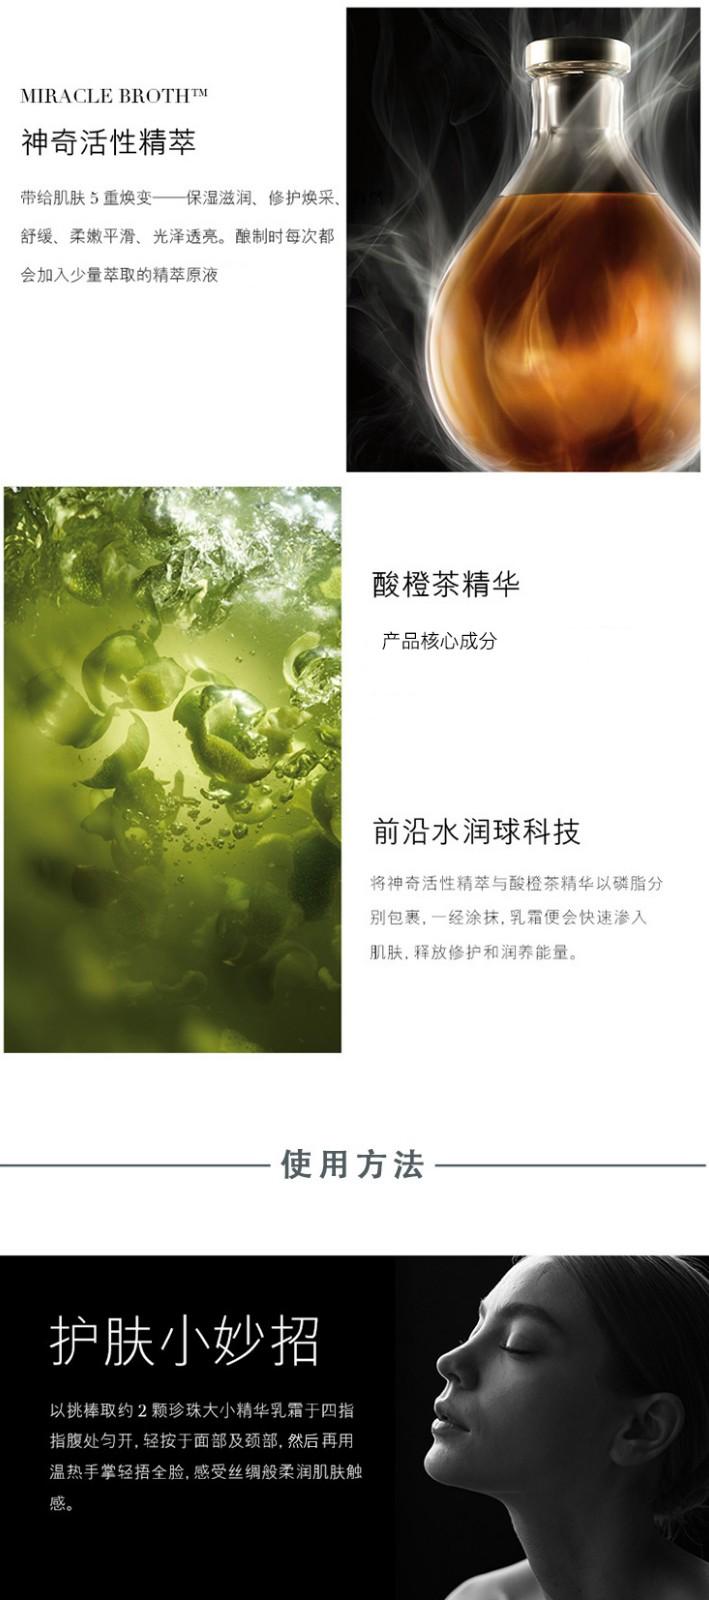 【海蓝之谜面霜】海蓝之谜(LA-MER)精华柔润乳霜-30ml-(冰淇淋乳霜-soft-cream无_07.jpg